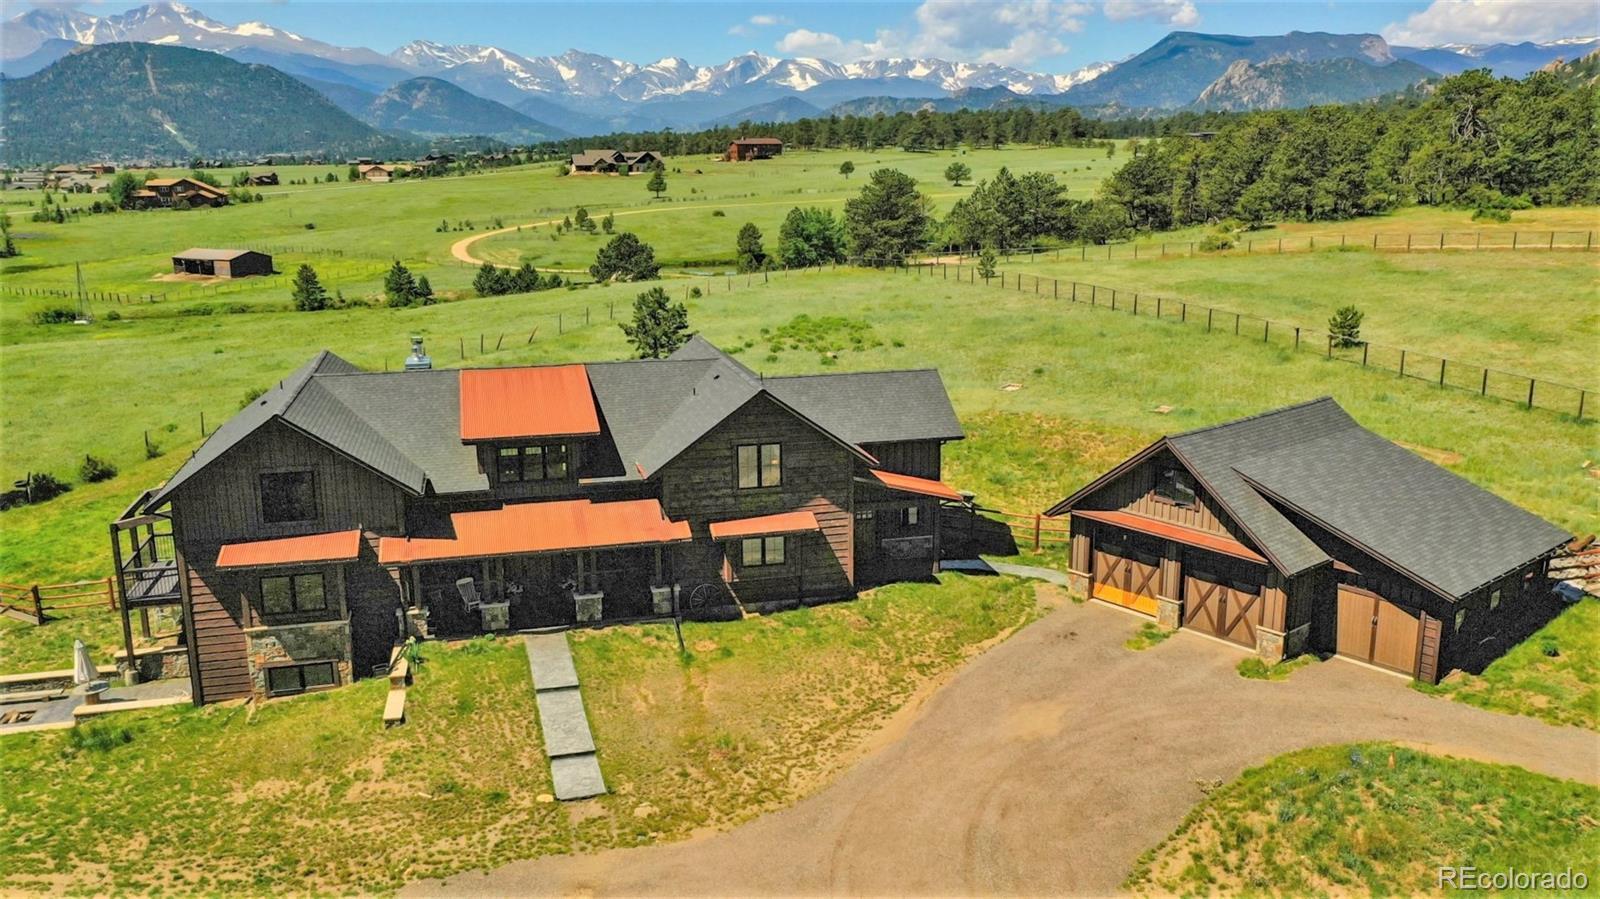 2120 Ridge Road, Estes Park, CO 80517 - Estes Park, CO real estate listing